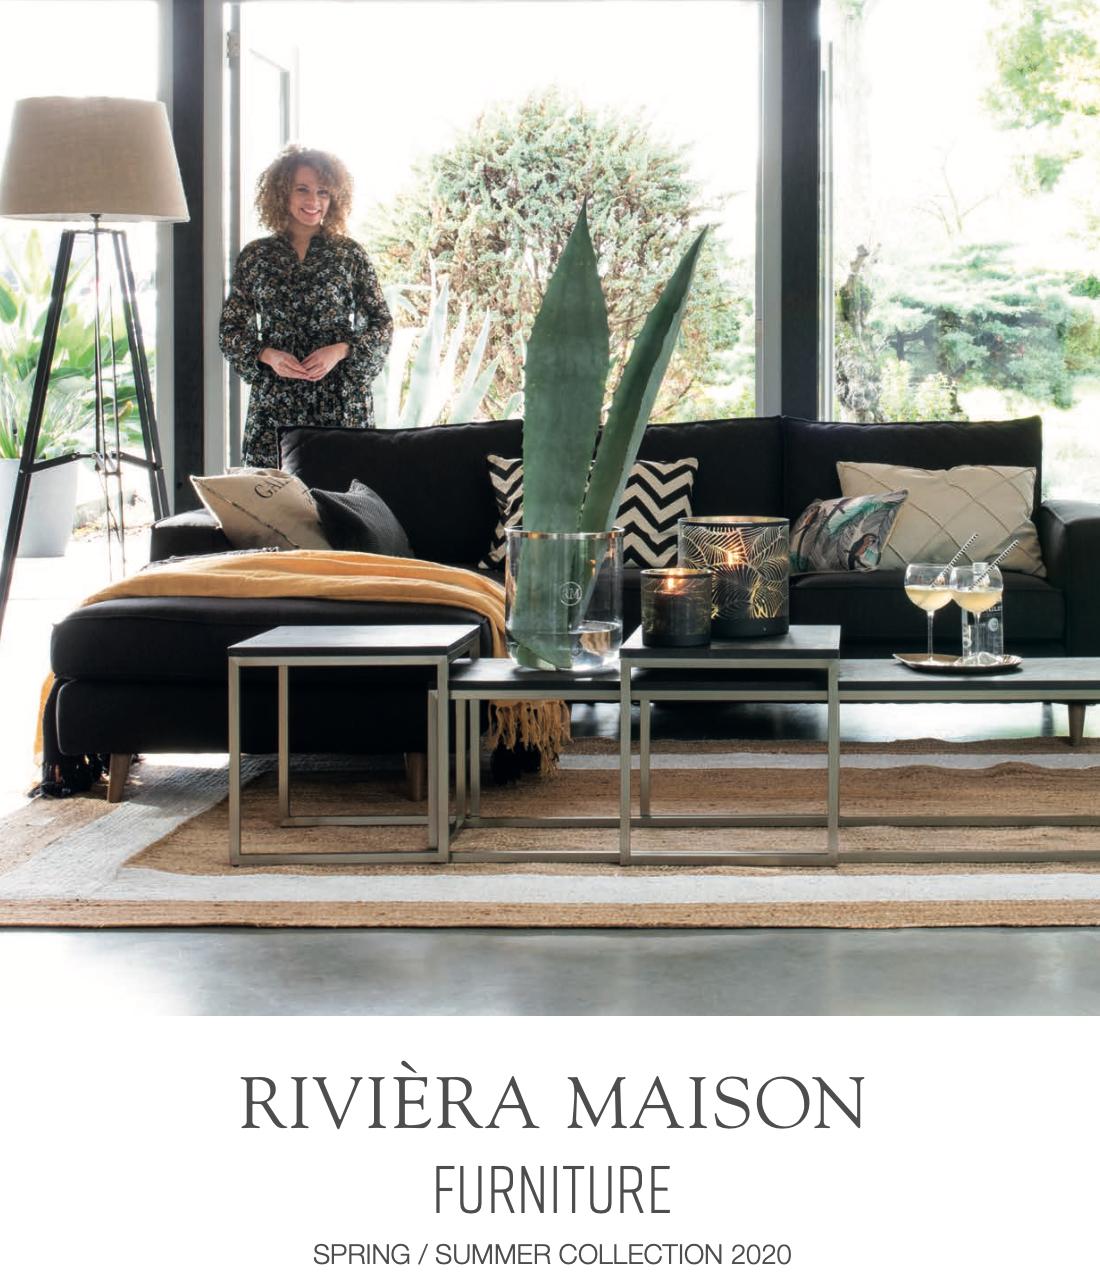 riviera maison meubelen